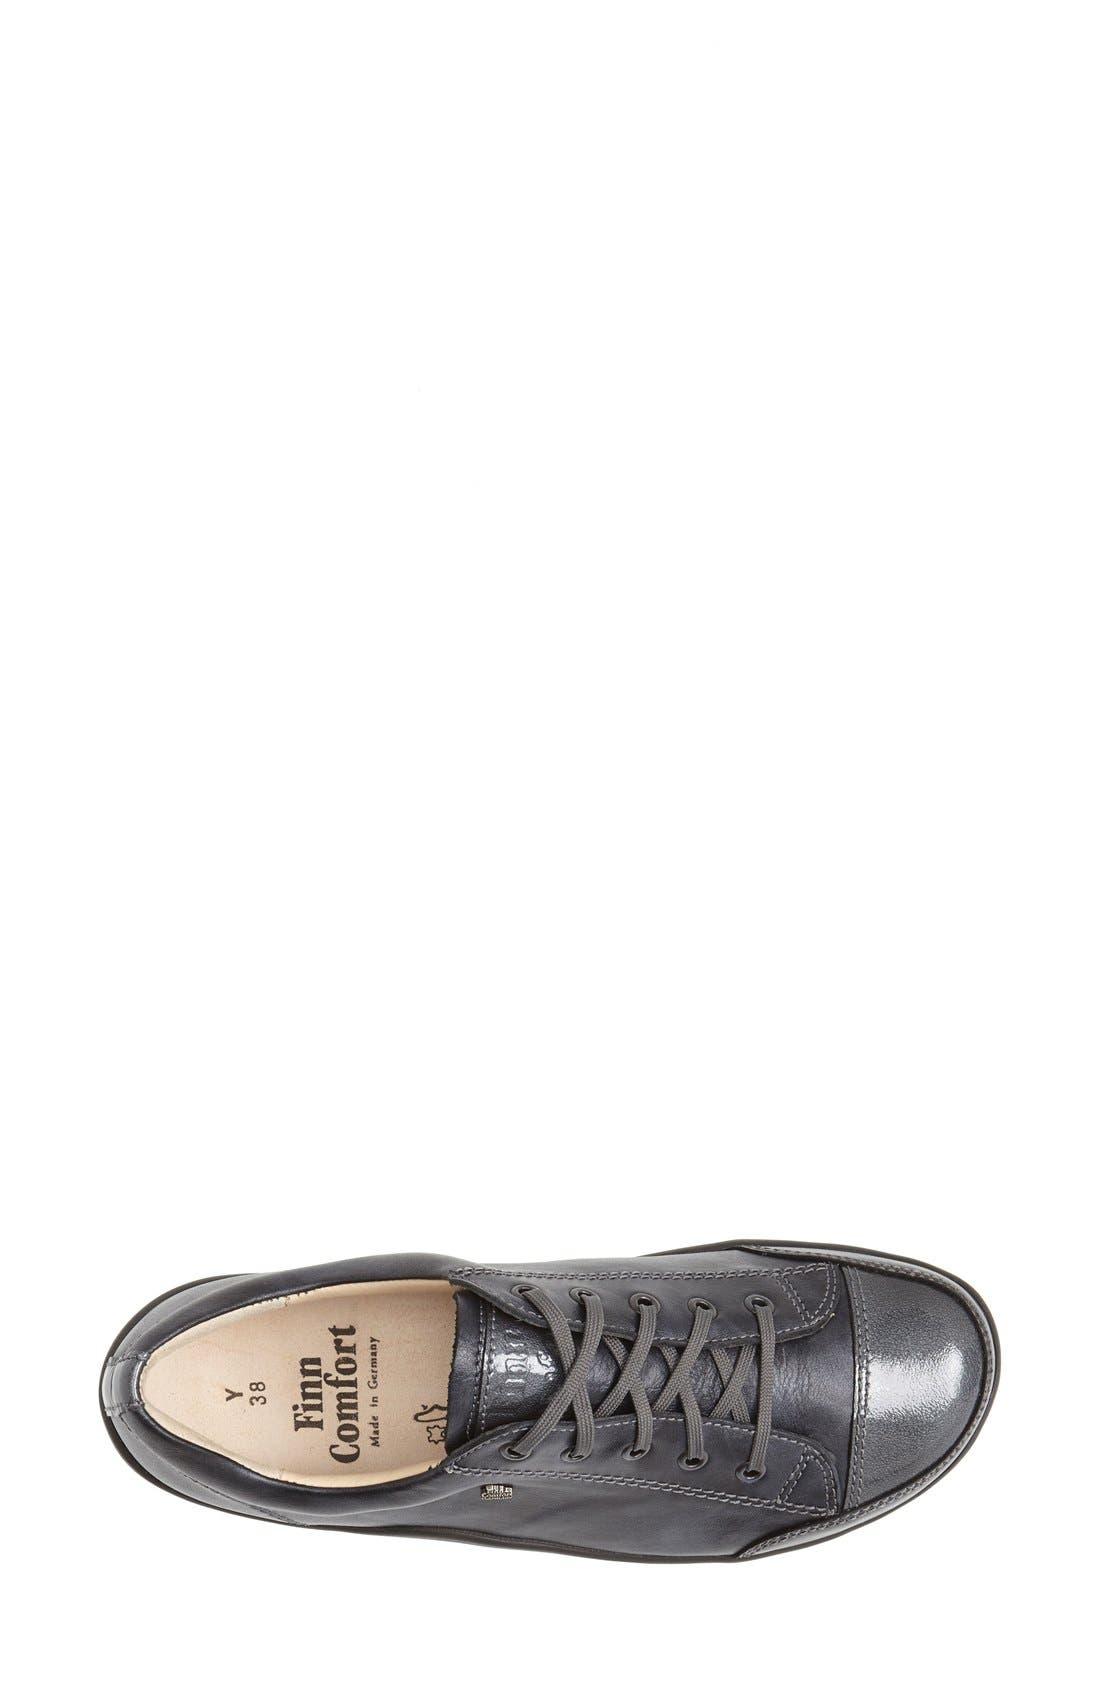 Alternate Image 3  - Finn Comfort 'Soho' Sneaker (Women)